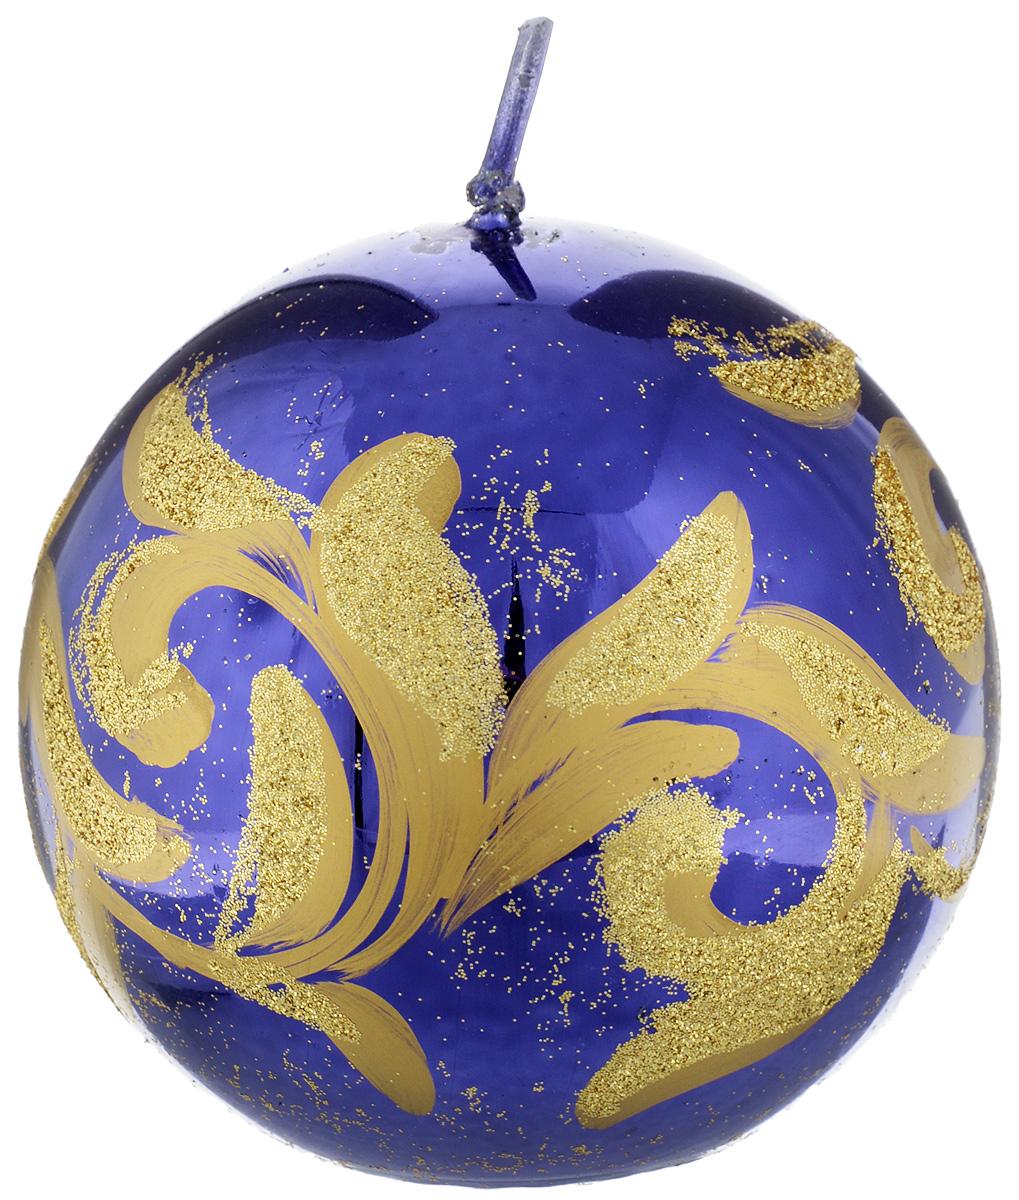 Свеча-шар Fem Флоренция, цвет: фиолетовый, золотой, диаметр 9 смUP210DFСвеча-шар Fem Флоренция изготовлена из парафина и декорирована изящным узором с блестками. Такая свеча станет изысканным украшением интерьера. Она принесет в ваш дом волшебство и ощущение праздника. Создайте в своем доме атмосферу веселья и радости, и тогда самый обычный день с легкостью превратится в торжество.